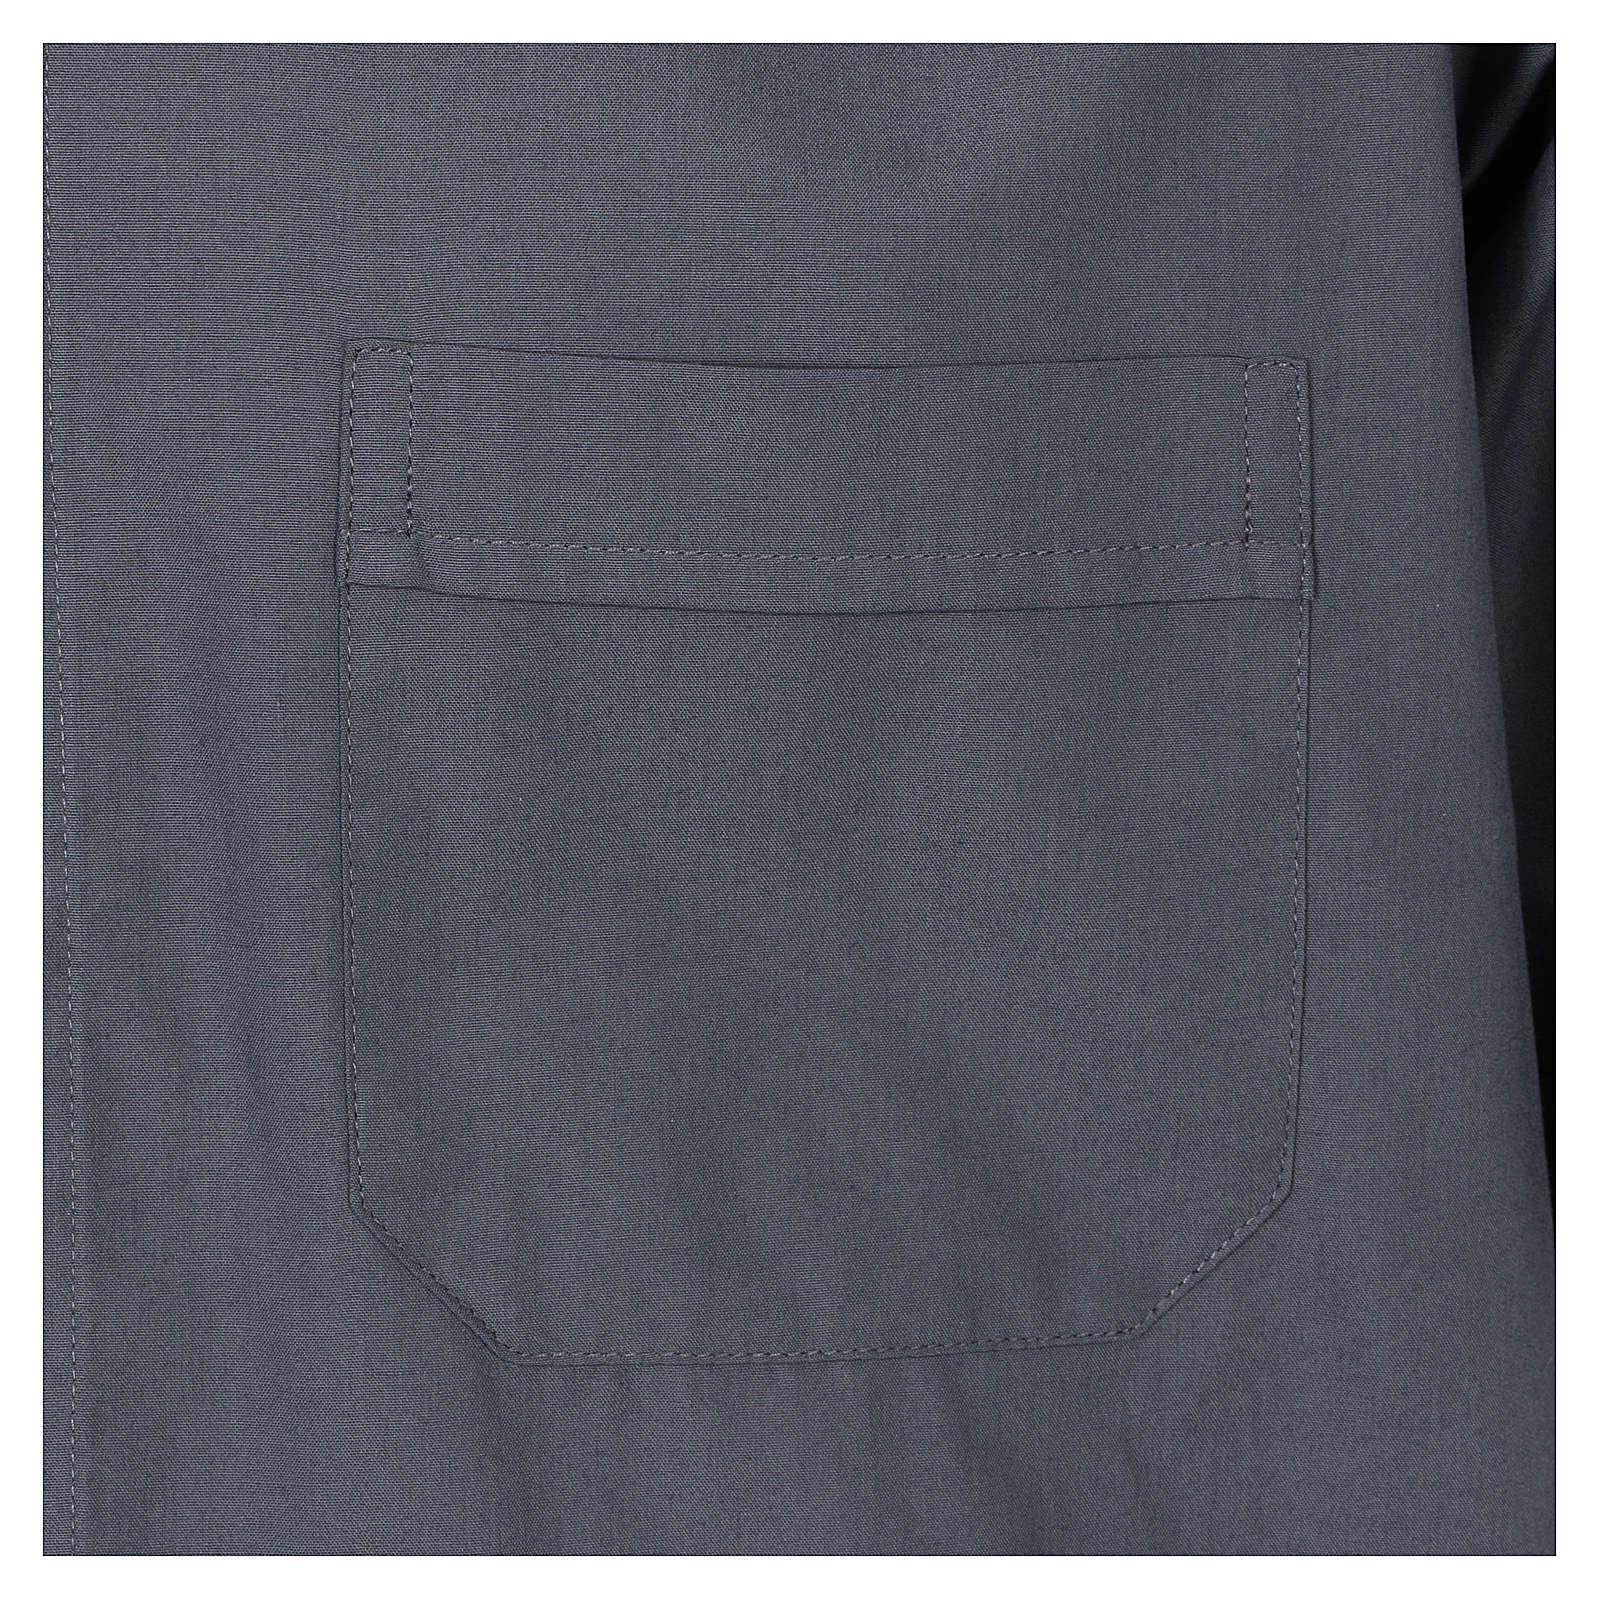 Camisa Colarinho Clergy manga curta misto algodão cinzento escuro 4